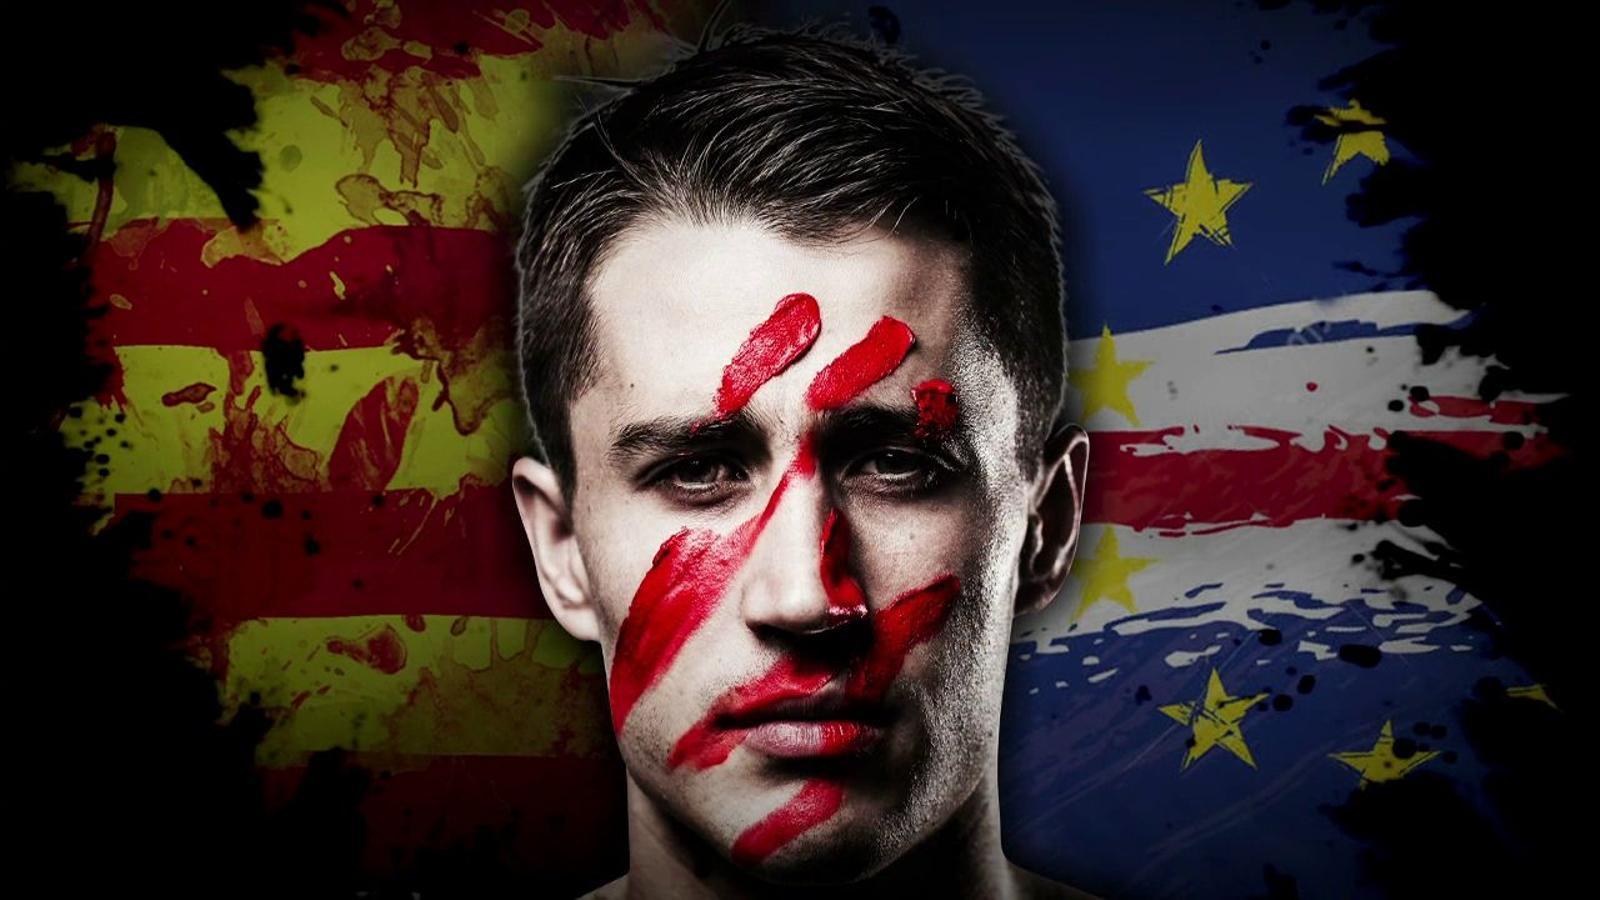 Guanyarem, el vídeo promocional del Catalunya-Cap Verd